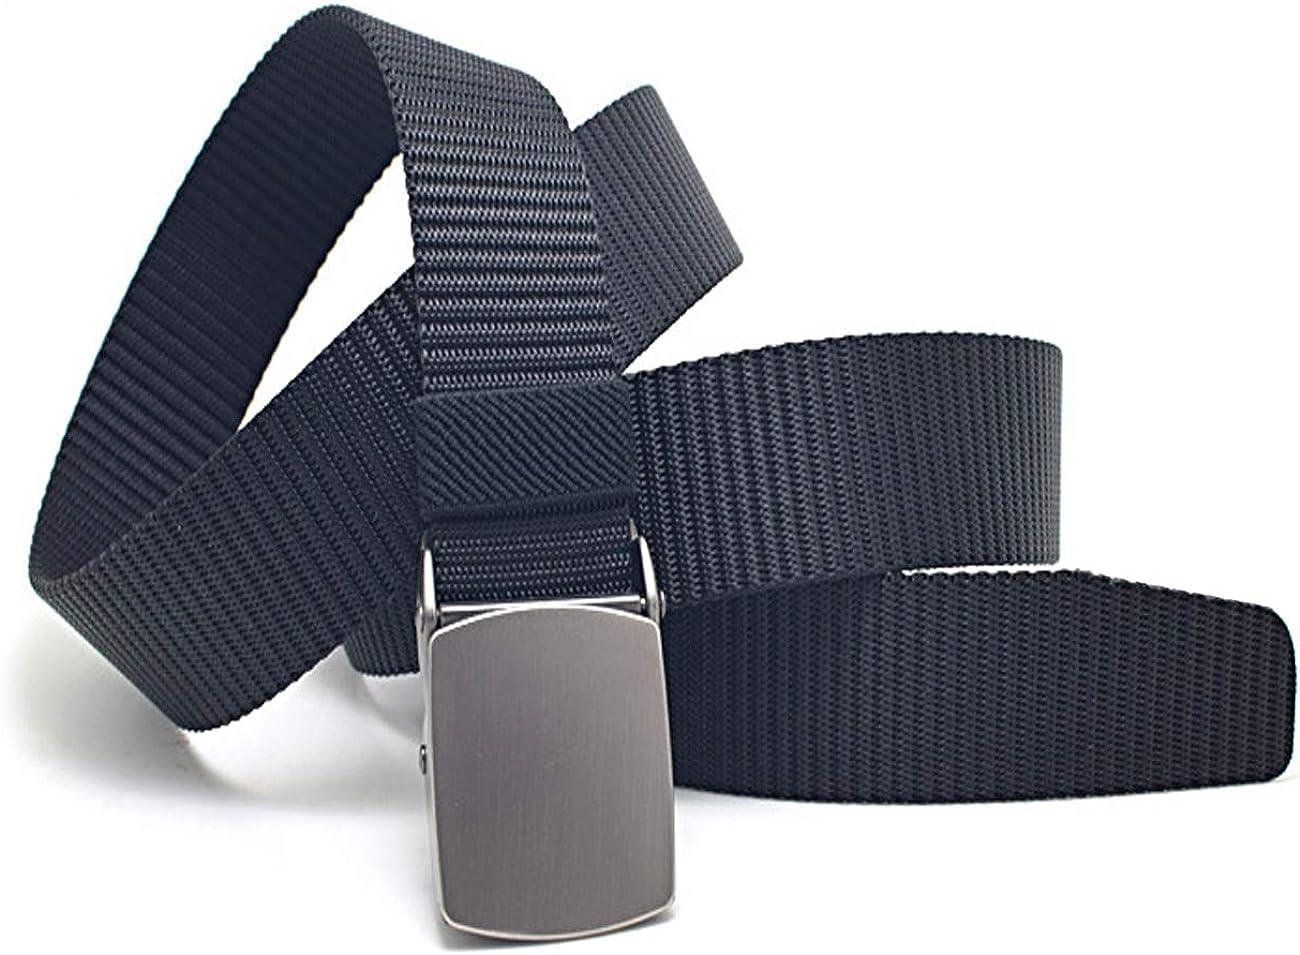 Lona Nylon con Hebilla Cl/ásica FUREIN Cintur/ón T/áctico Militar Ajustable para Hombre y Mujer Unisex Largo Recortable